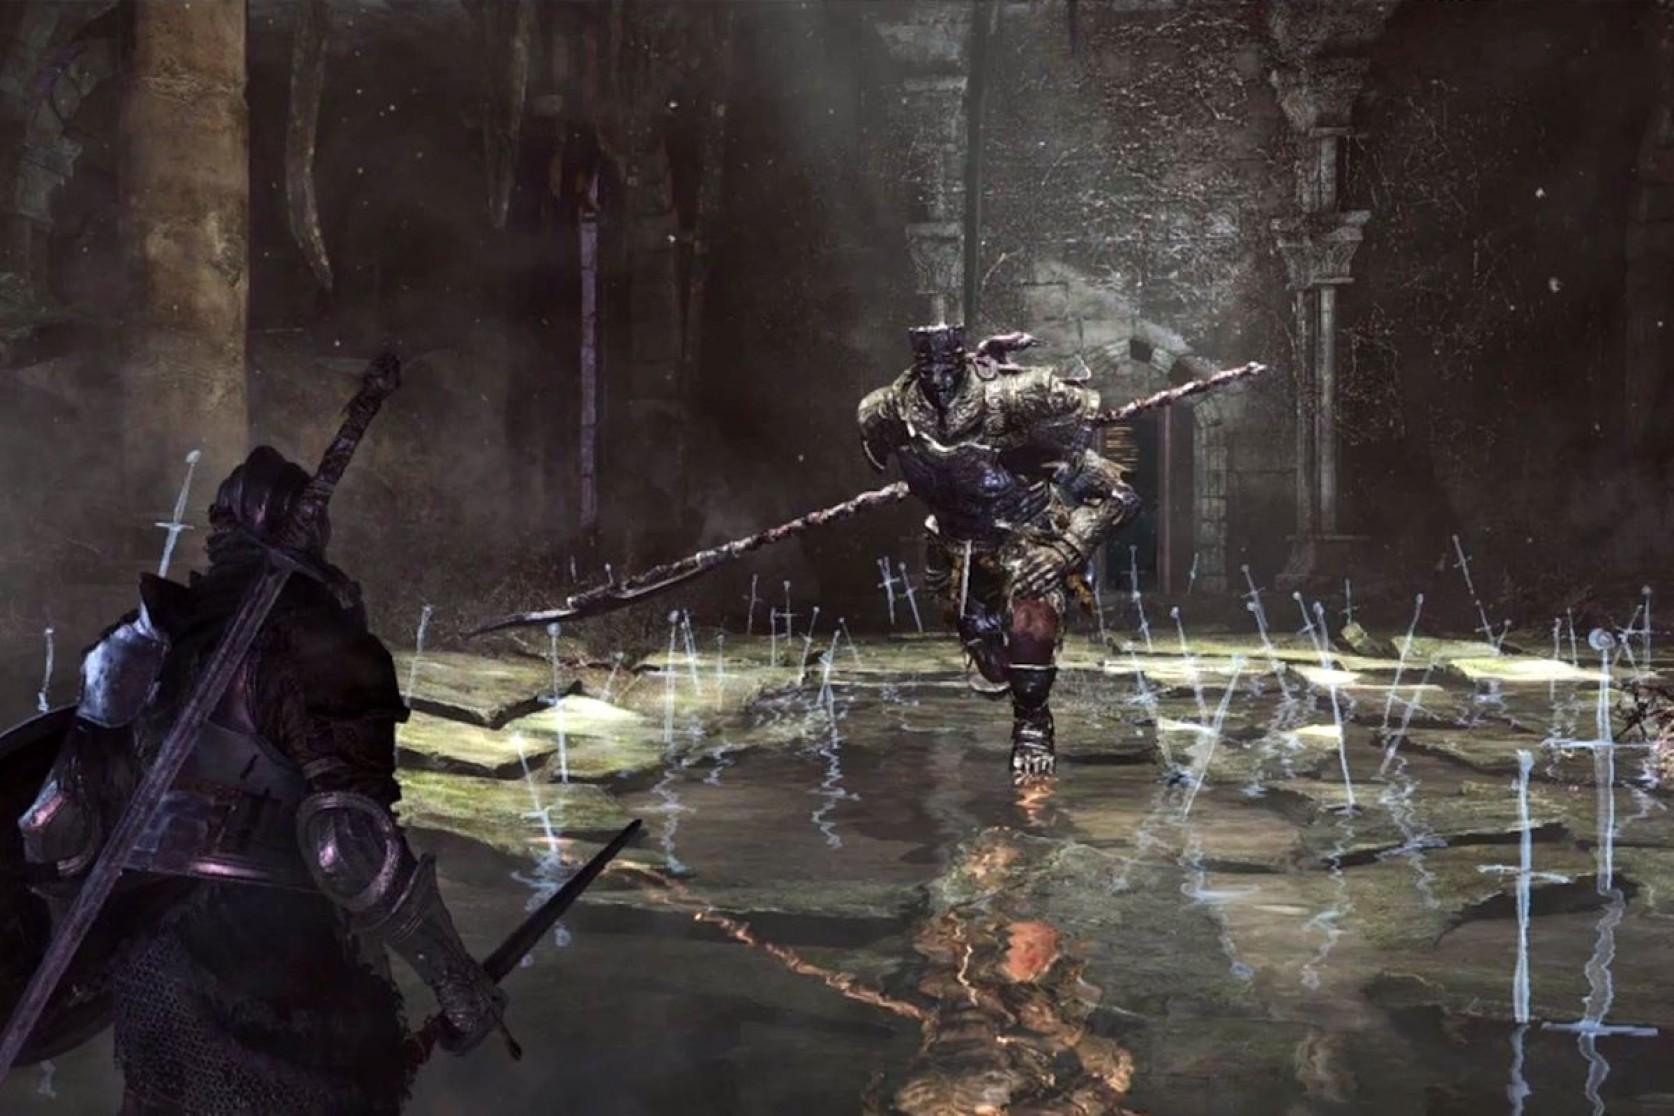 9393a61723b9aba7883c644e1c87b7ee large cover - How To Get The Mimic Head In Dark Souls 3